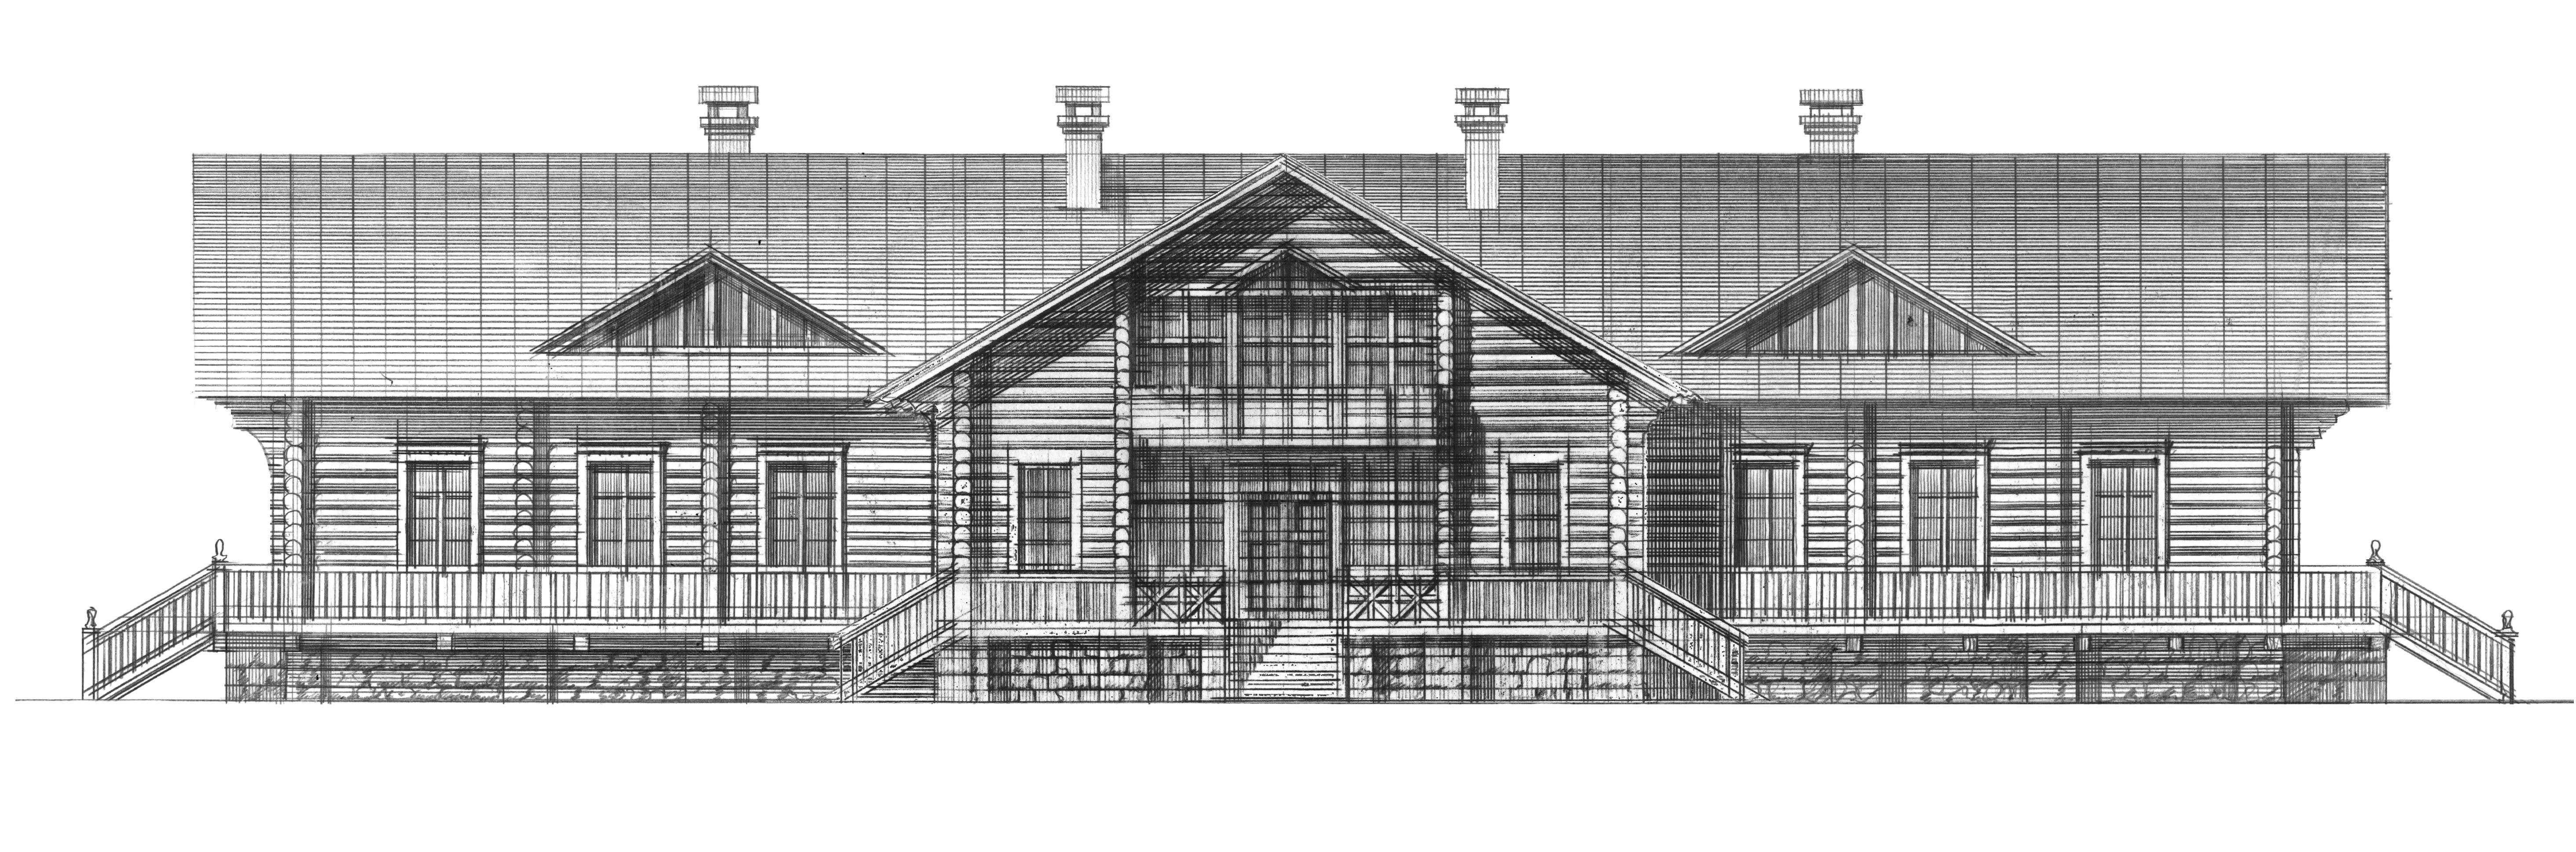 РЕЗИДЕНЦИЯ ПАТРИАРХА, главный фасад